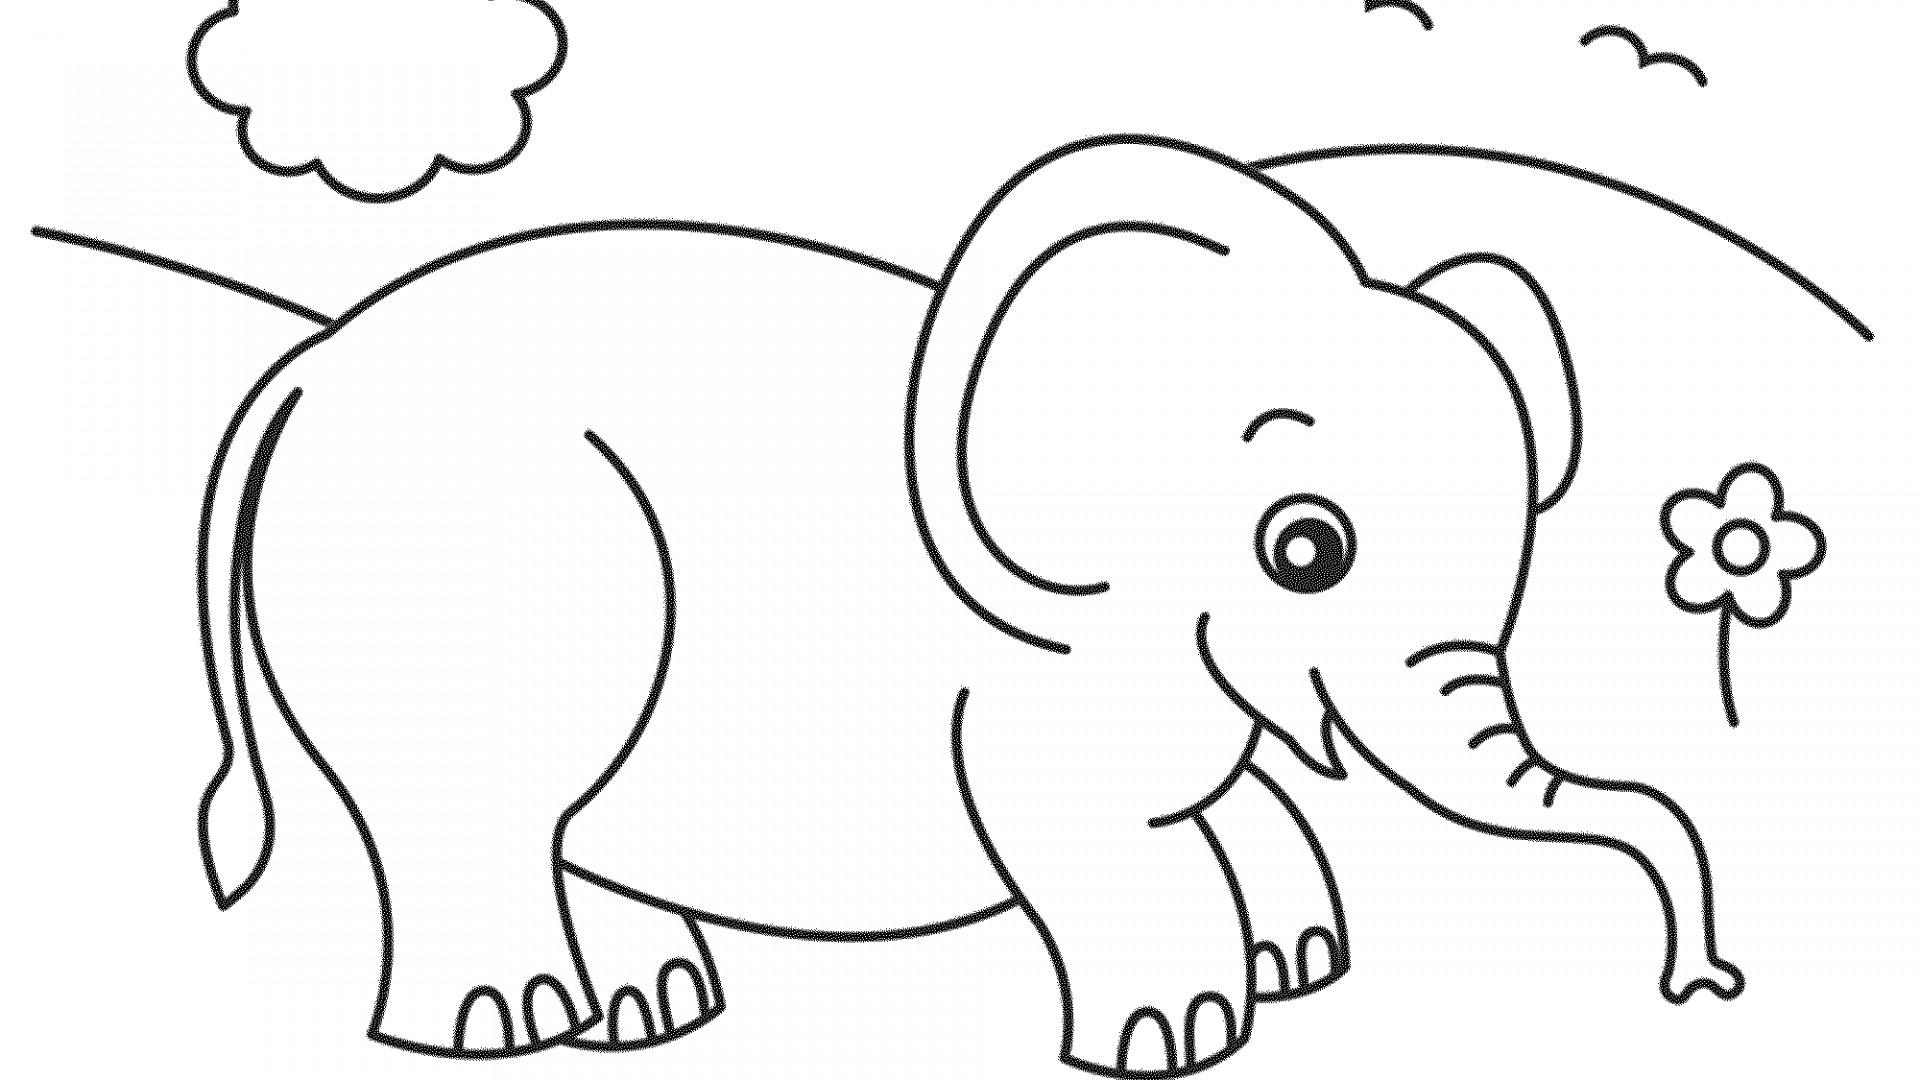 Tranh tô màu hình con voi rất đẹp